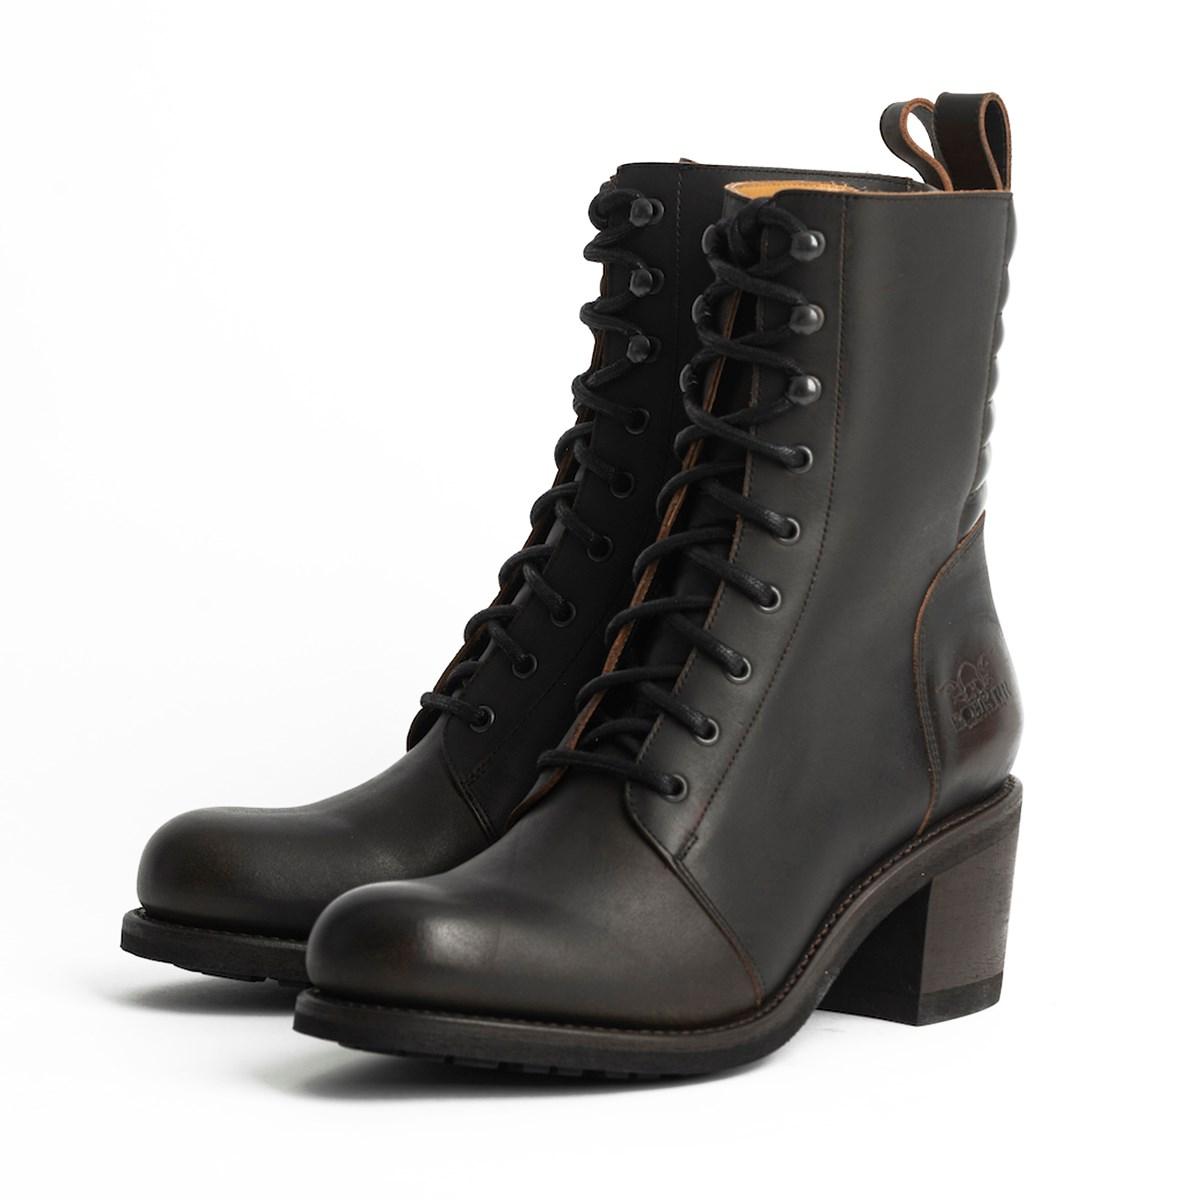 Rokker Speedway ladies boots in antique